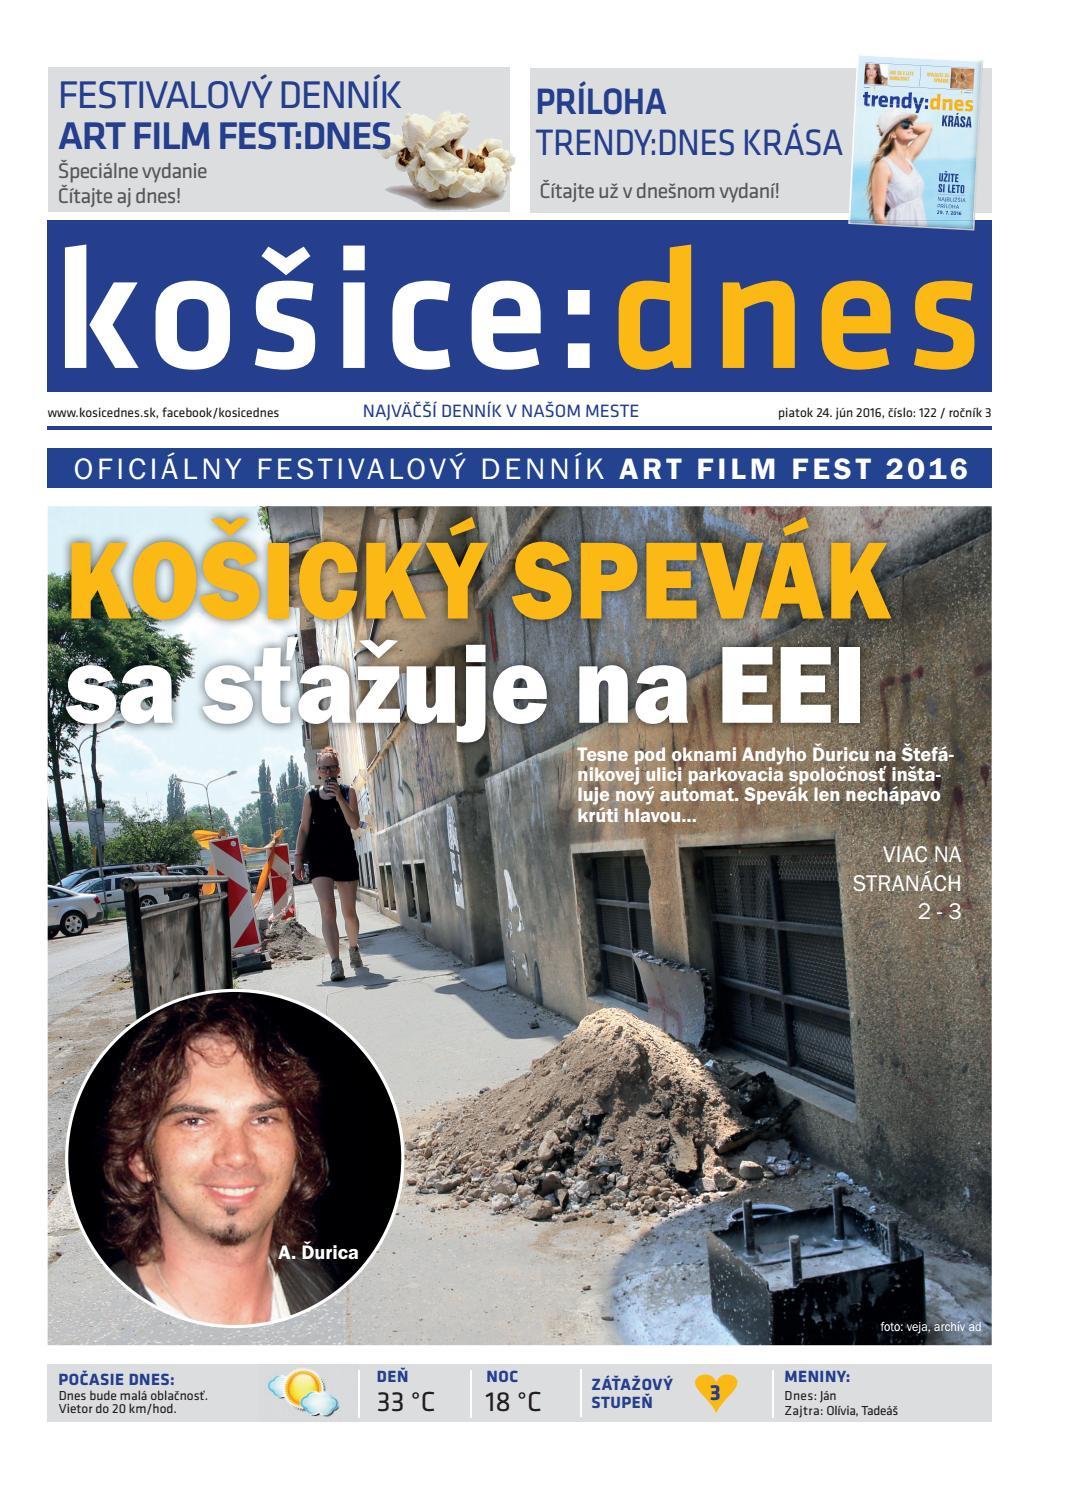 košice dnes 24.6.2016 by KOŠICE DNES - issuu e02e56c4e93